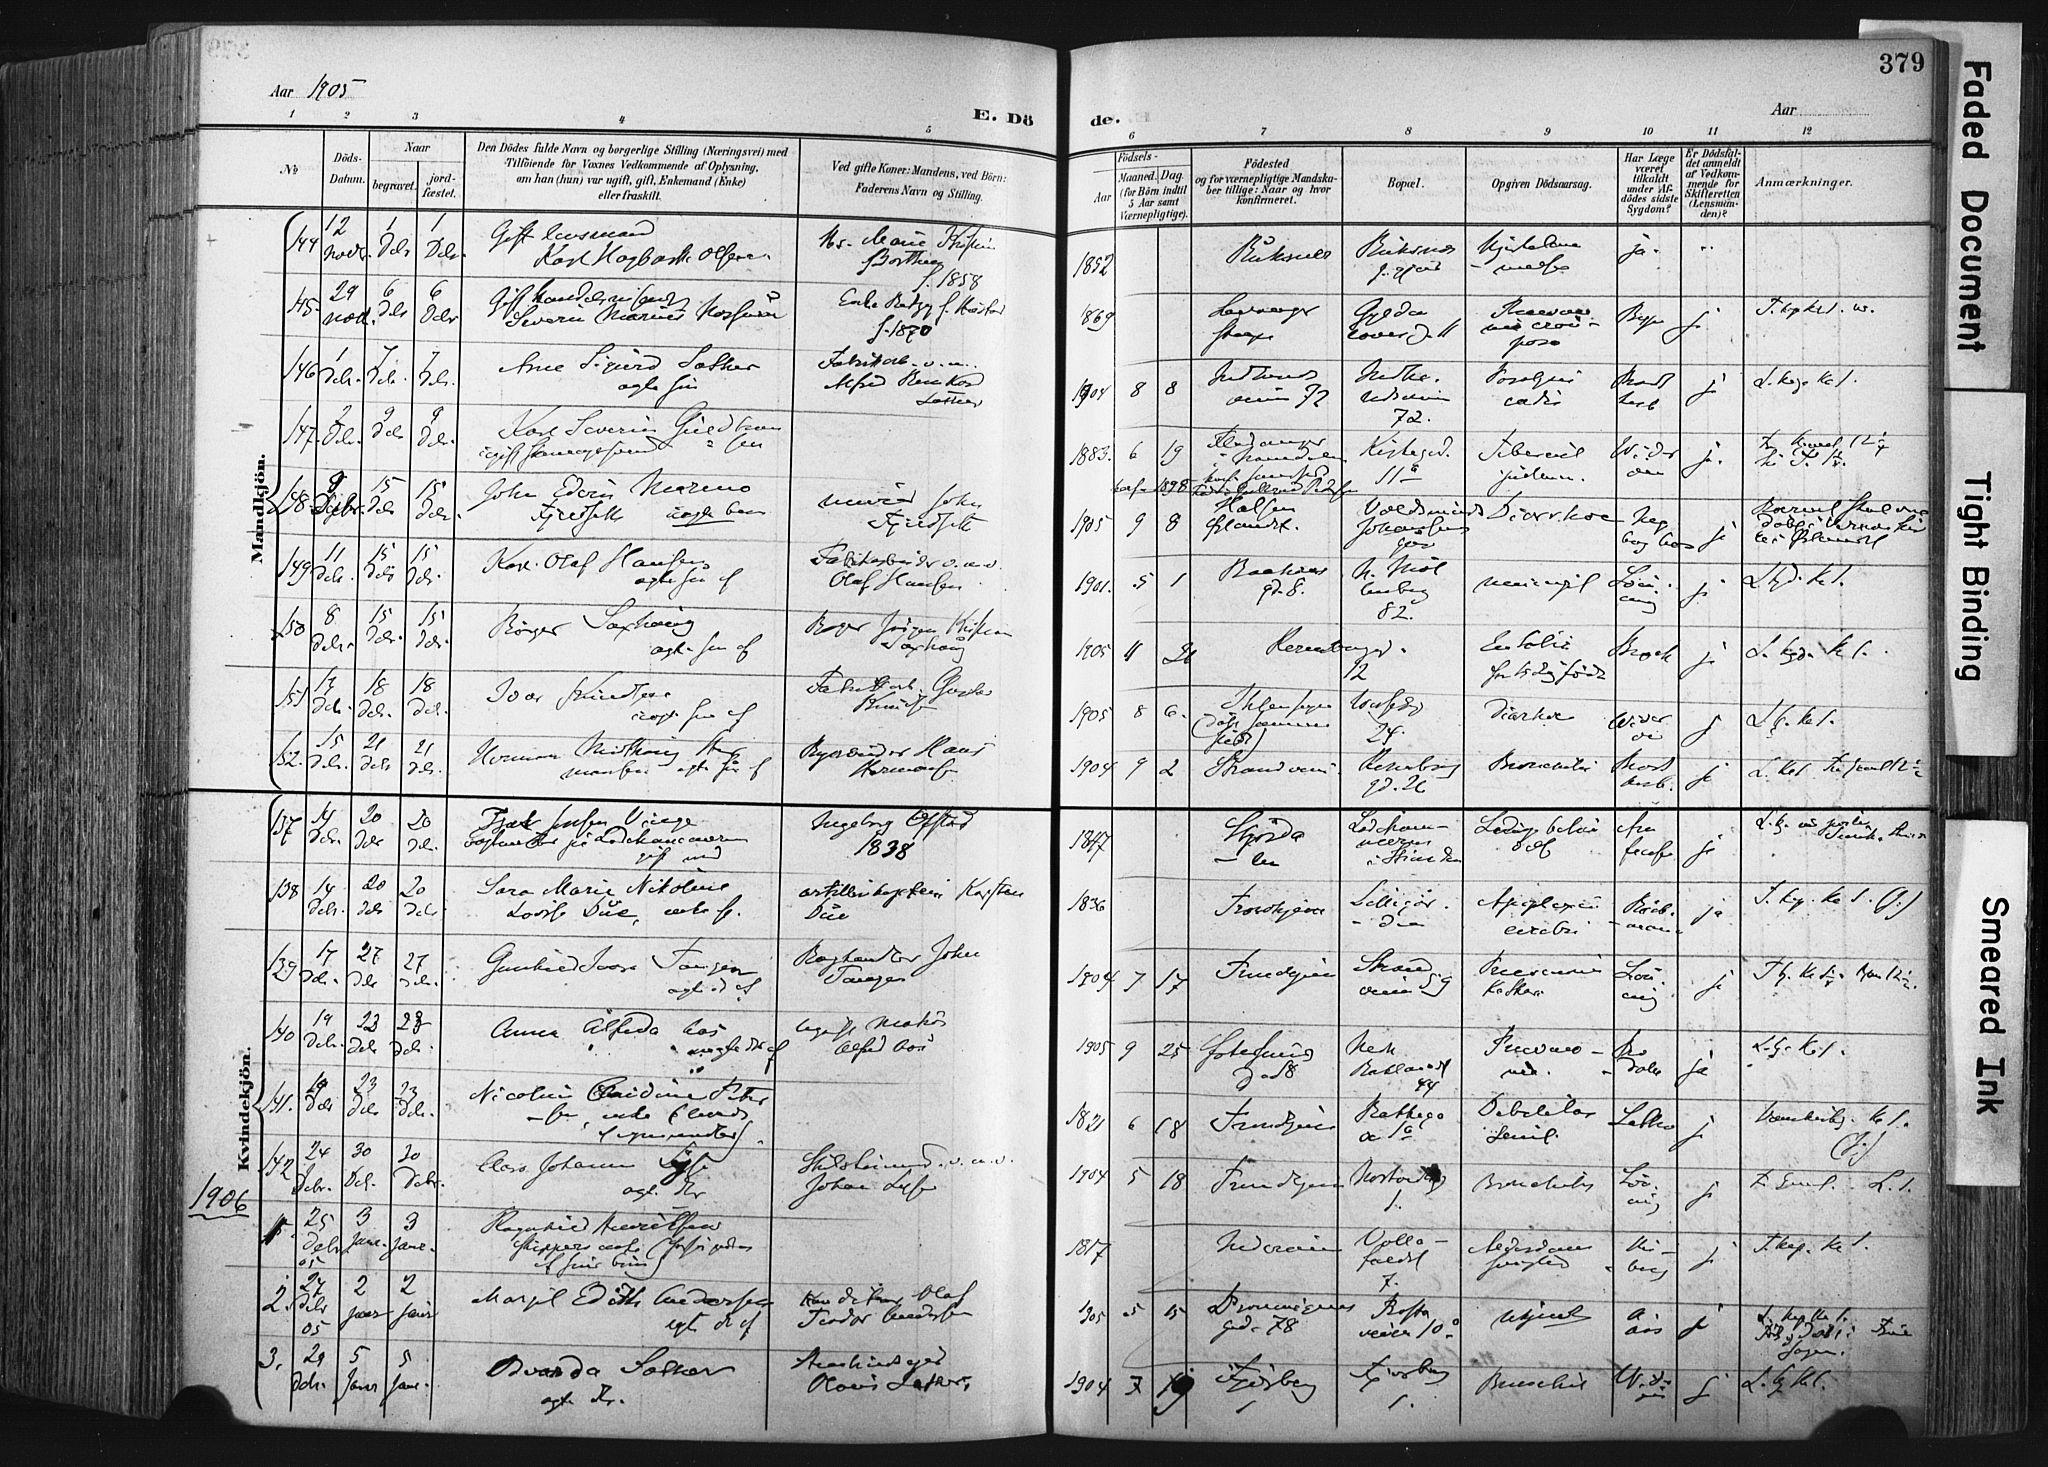 SAT, Ministerialprotokoller, klokkerbøker og fødselsregistre - Sør-Trøndelag, 604/L0201: Ministerialbok nr. 604A21, 1901-1911, s. 379